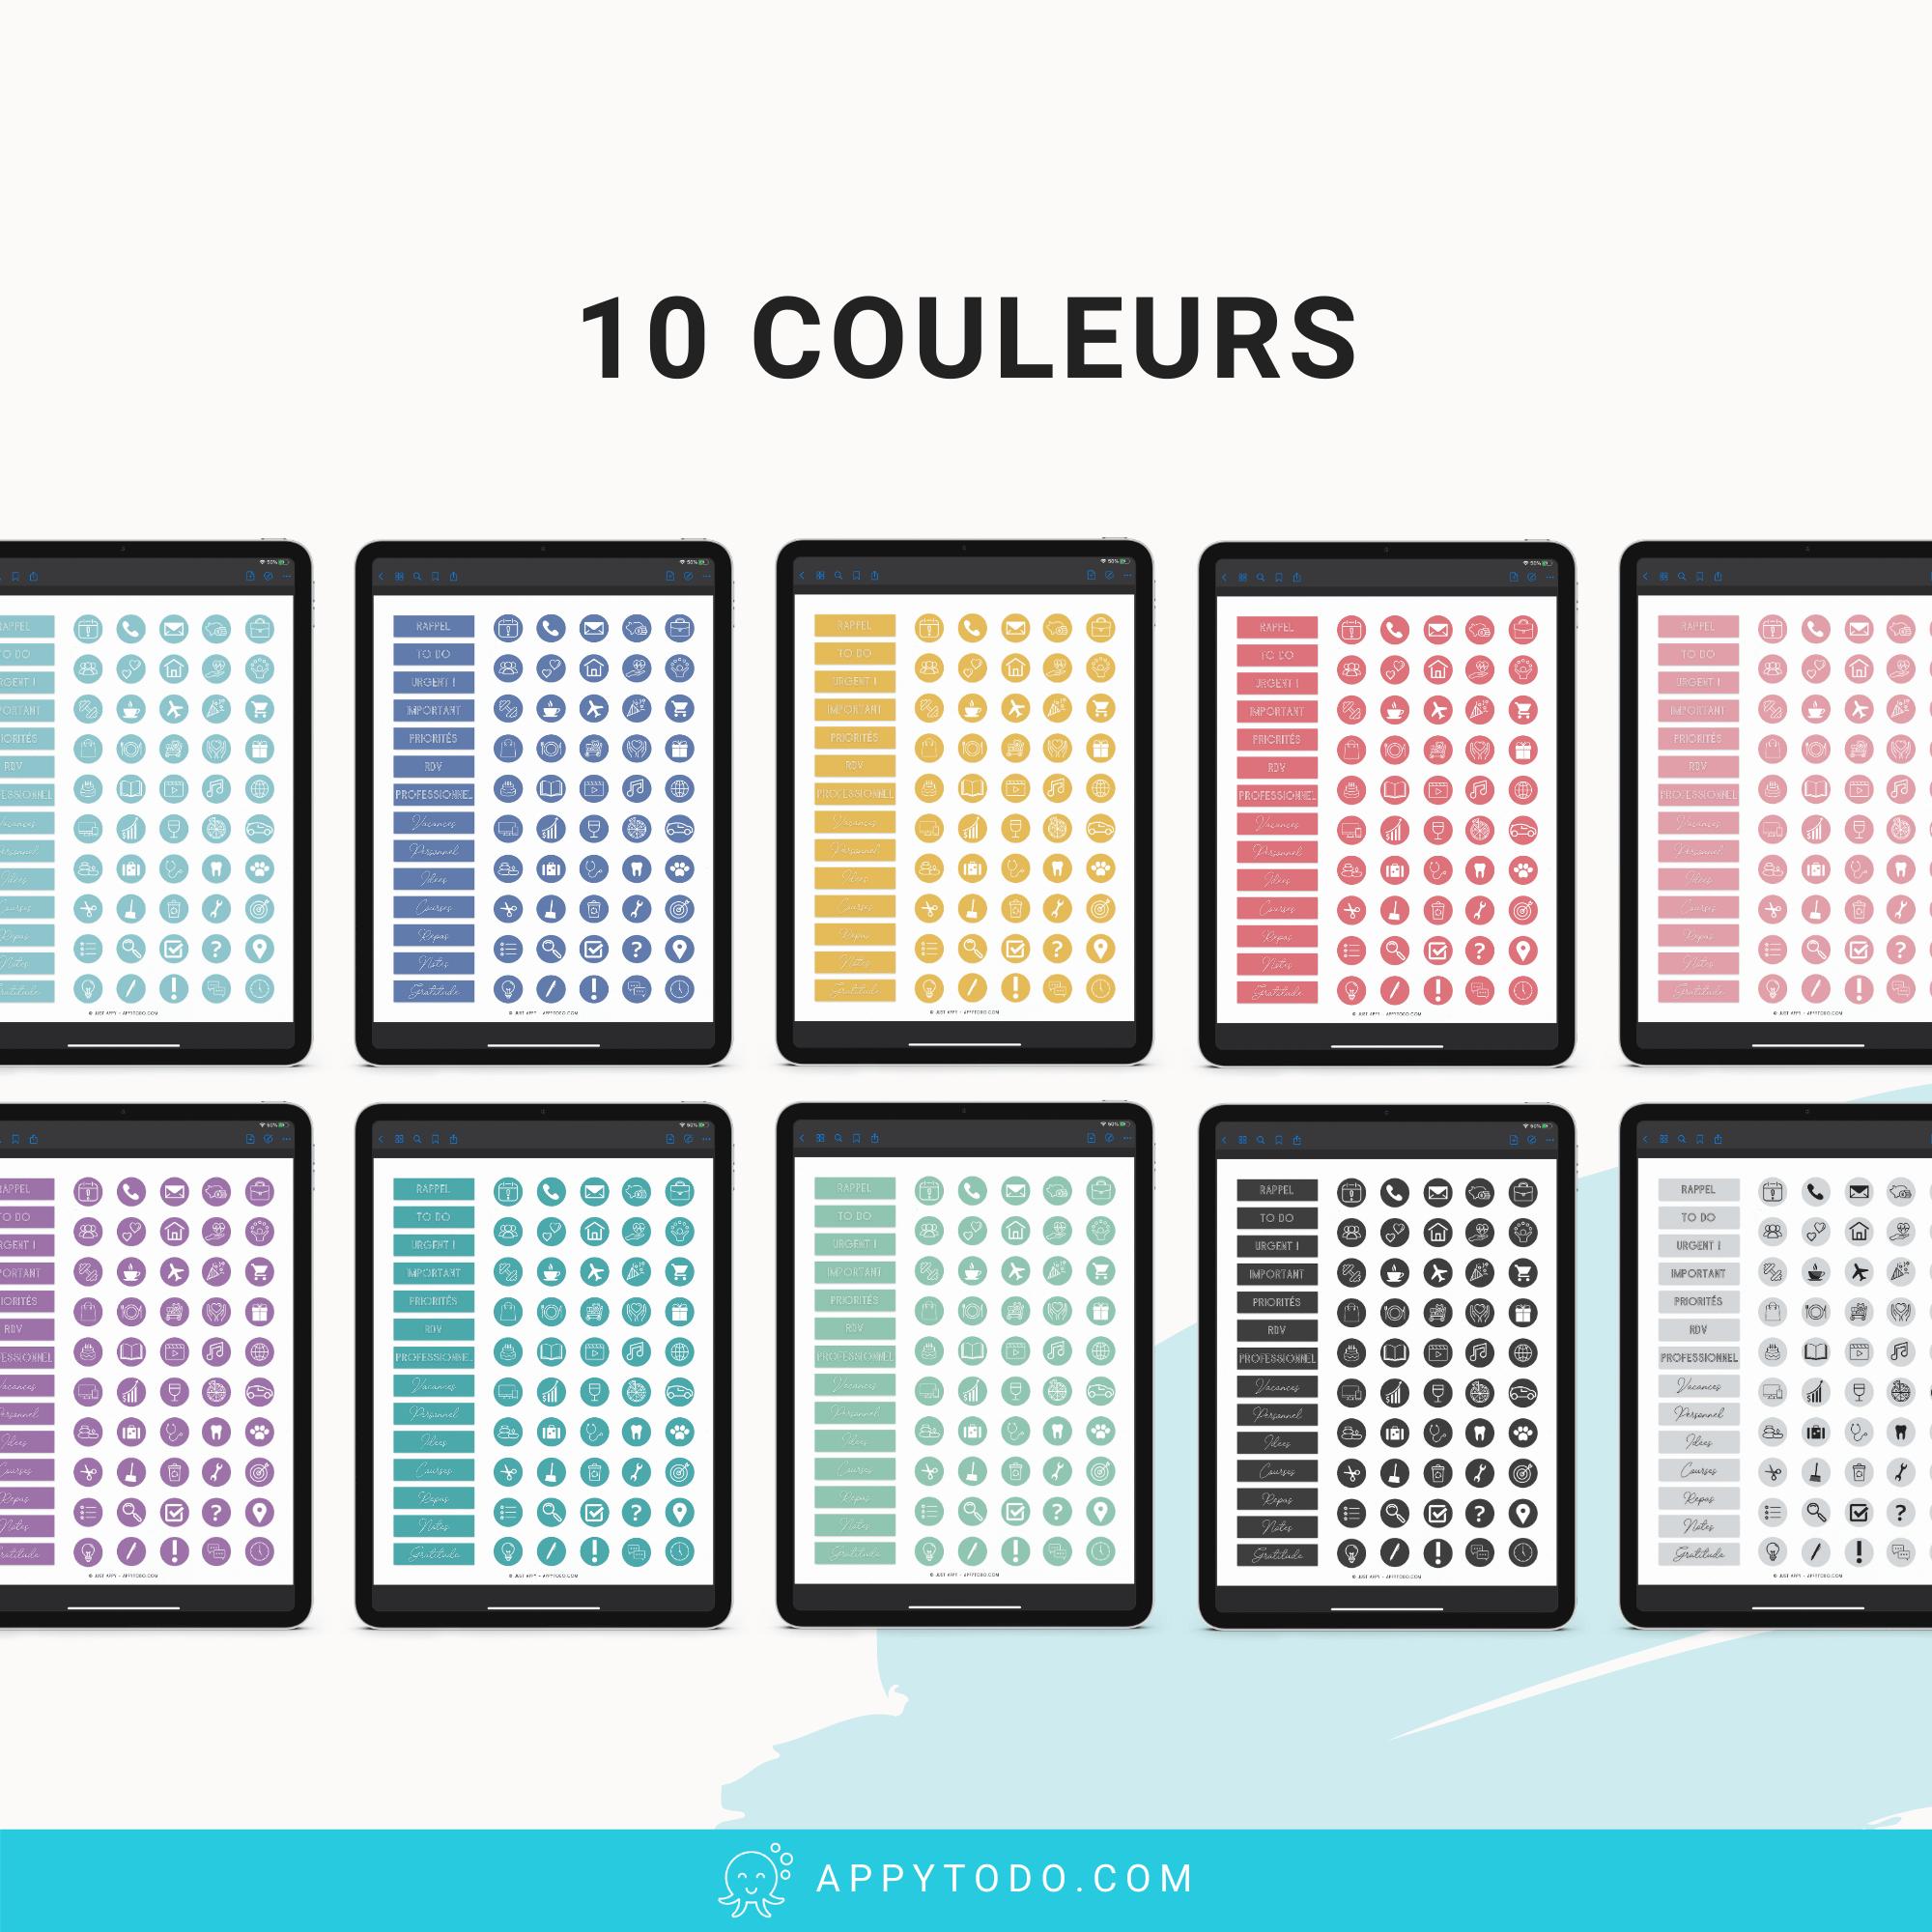 Autocollants numériques déclinés en 10 couleurs